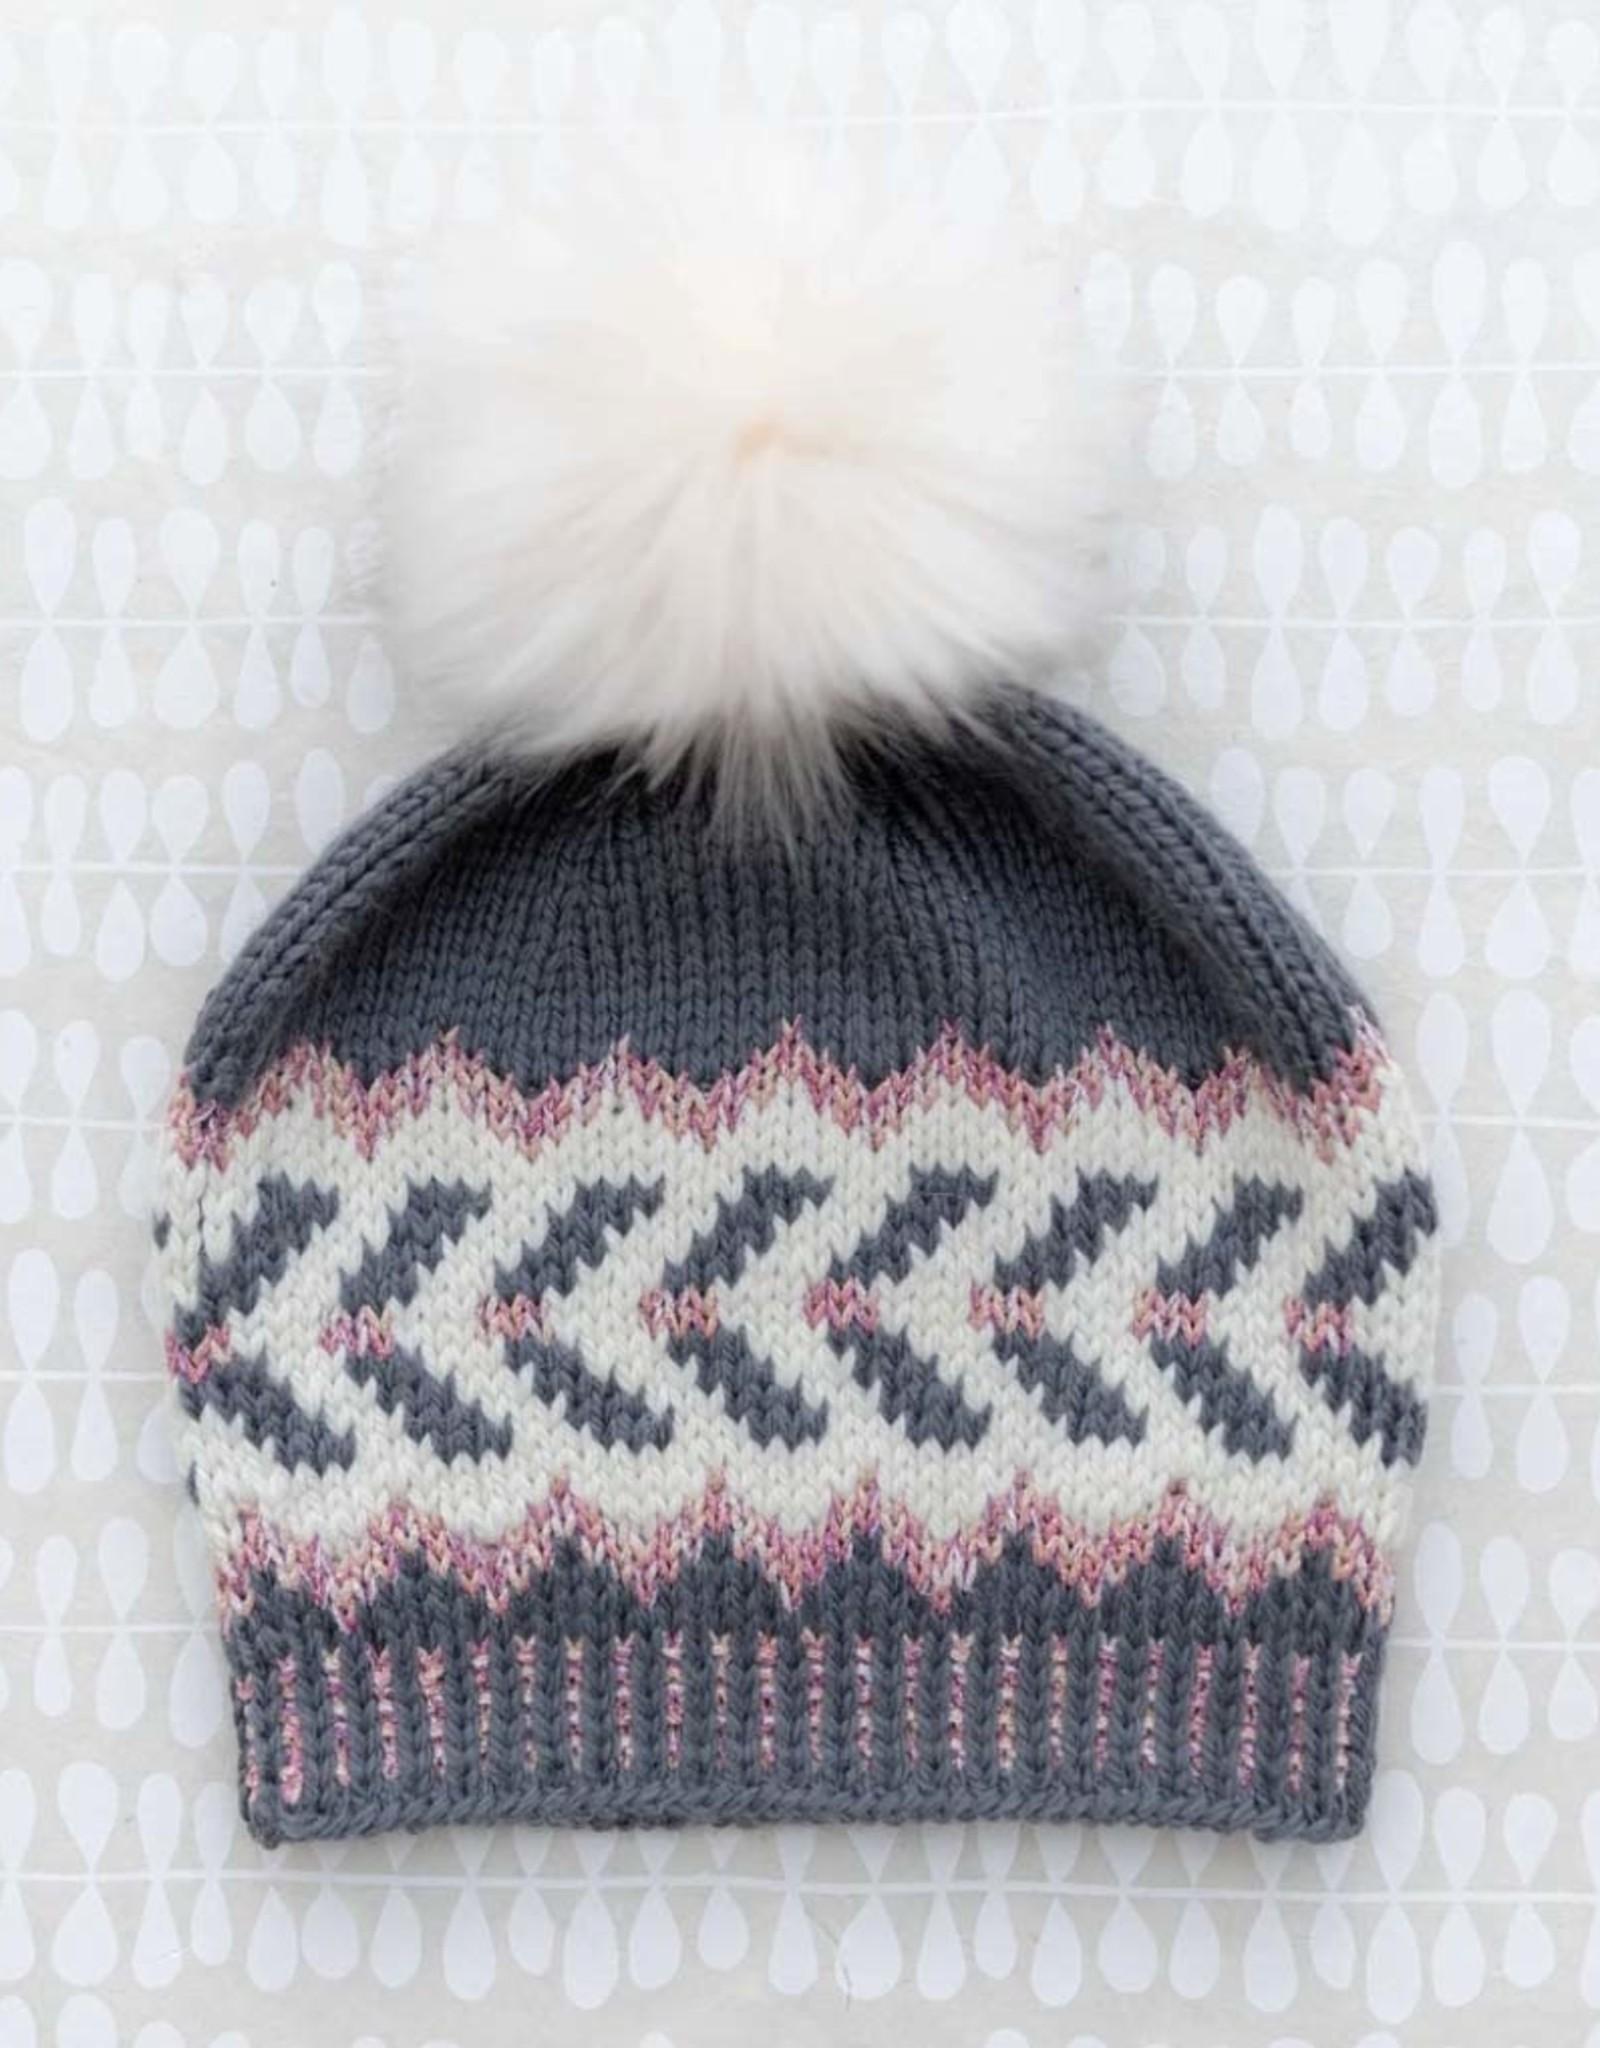 Ikigai Fiber Paka Sparkle Hat Kit